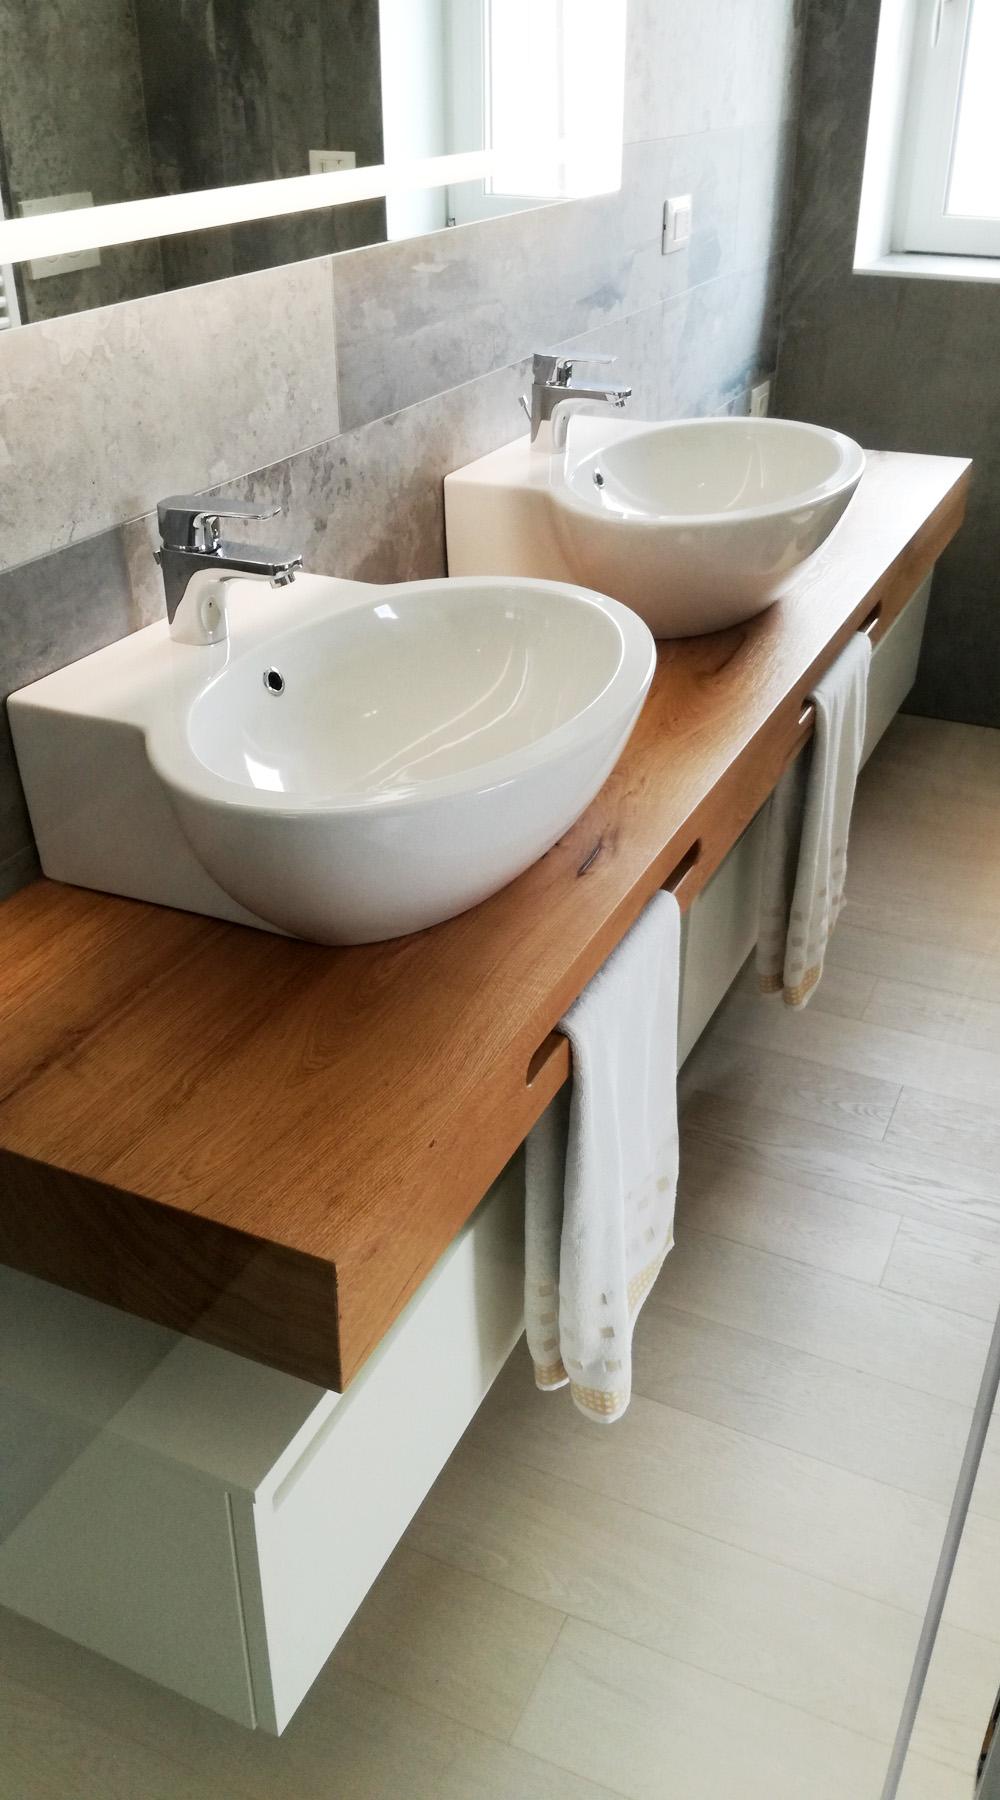 Mobile Sotto Mensola Bagno mobile bagno doppio lavabo con mensola in legno